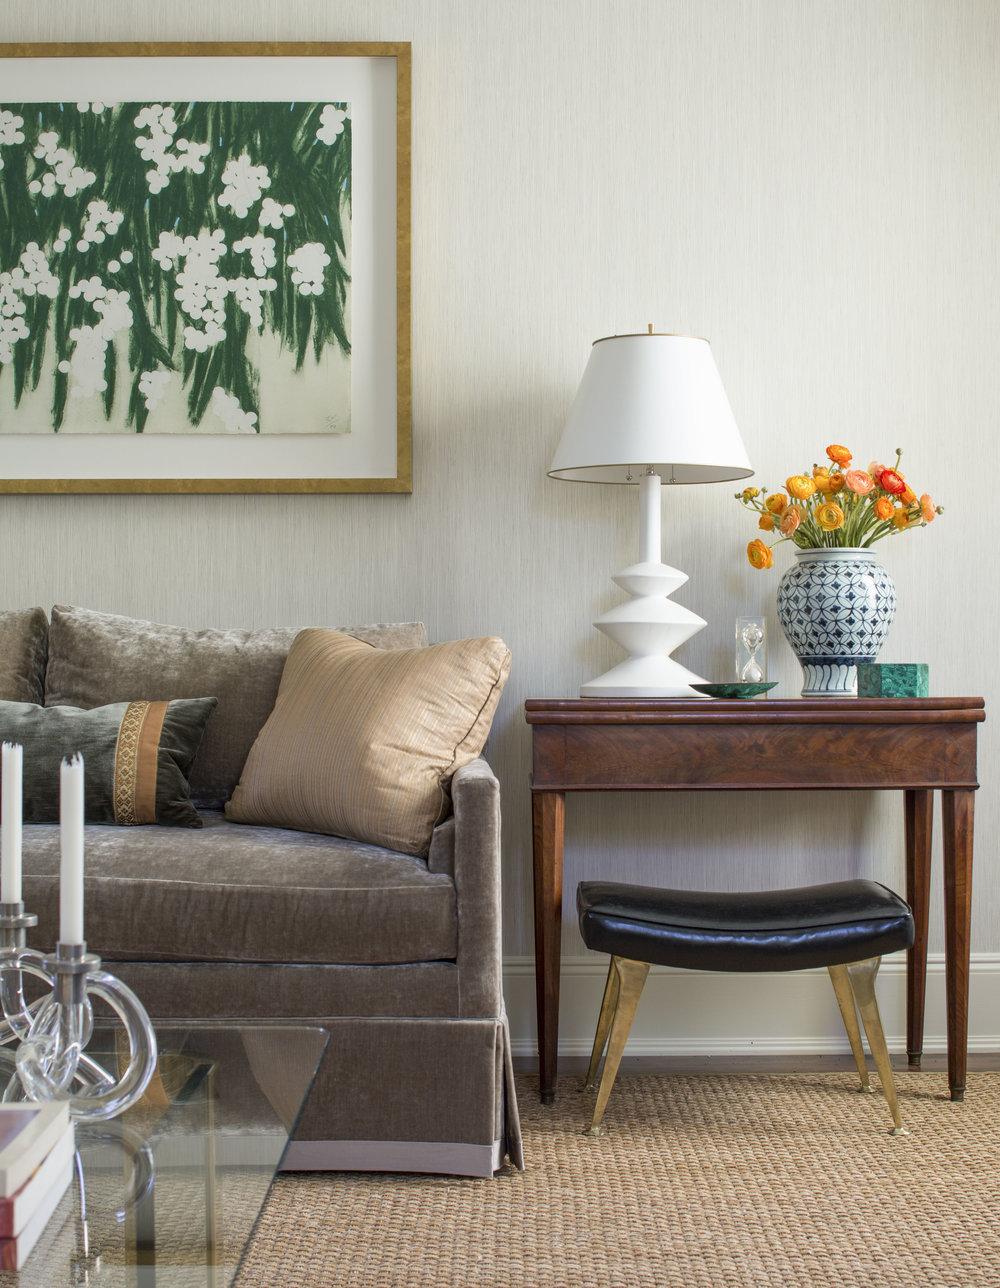 Z_Hilderbrand-Interiors_Living_Sofa_64196.jpg